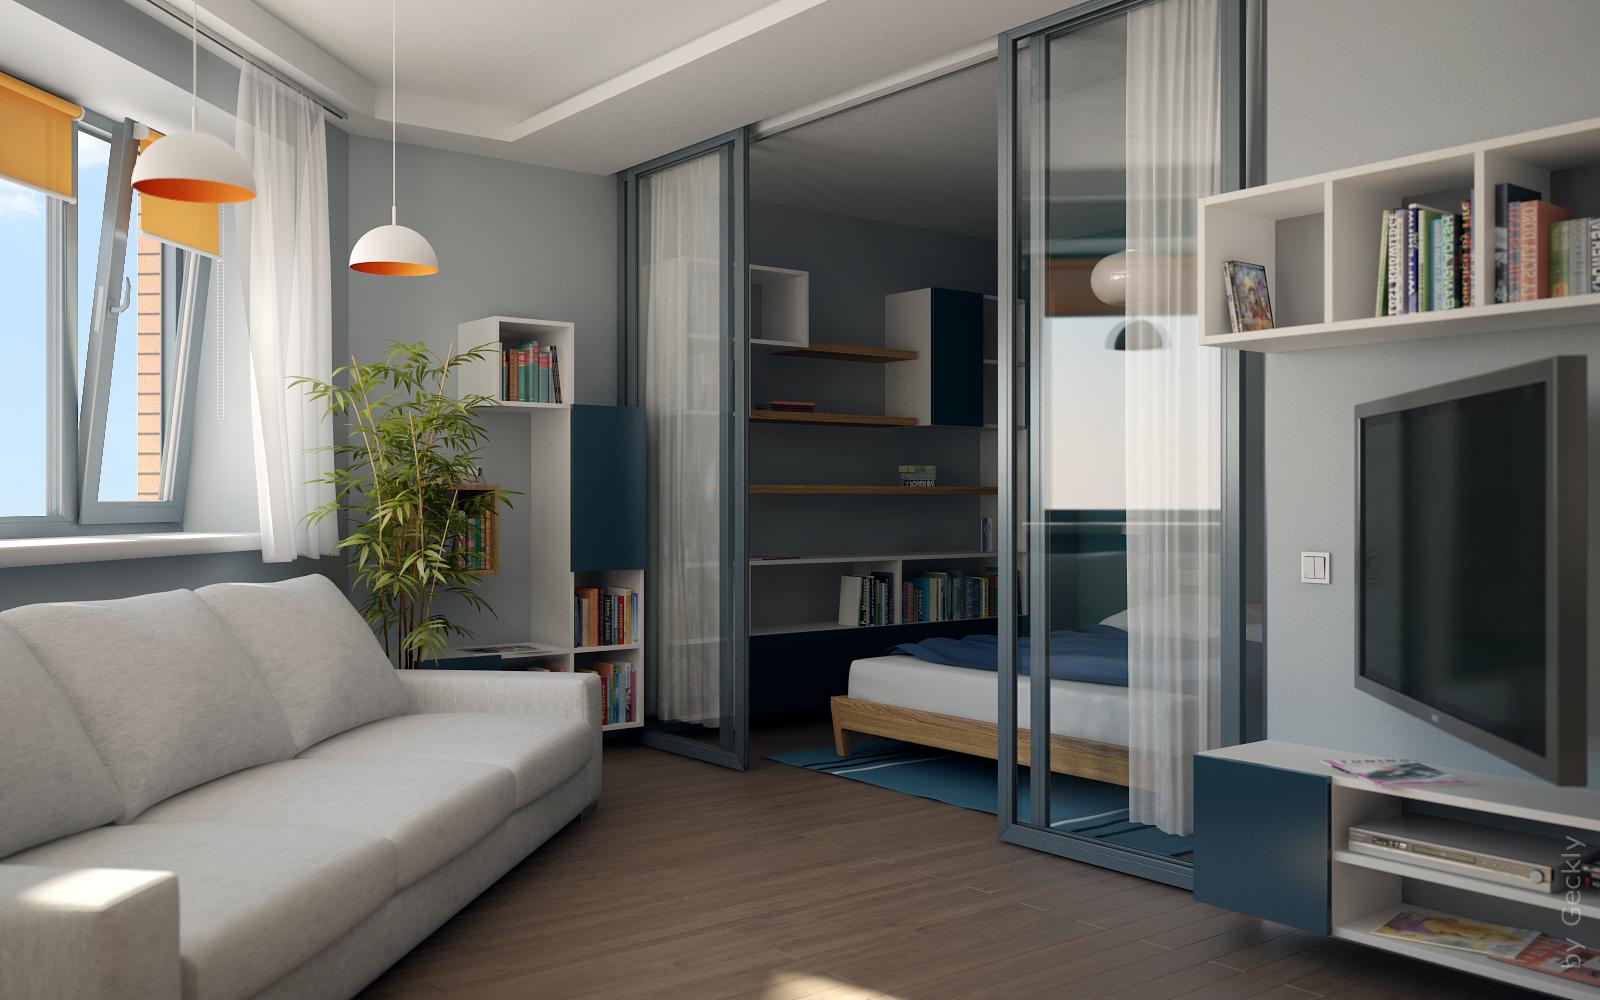 Дизайн интерьера двухкомнатной квартиры малогабаритной фото